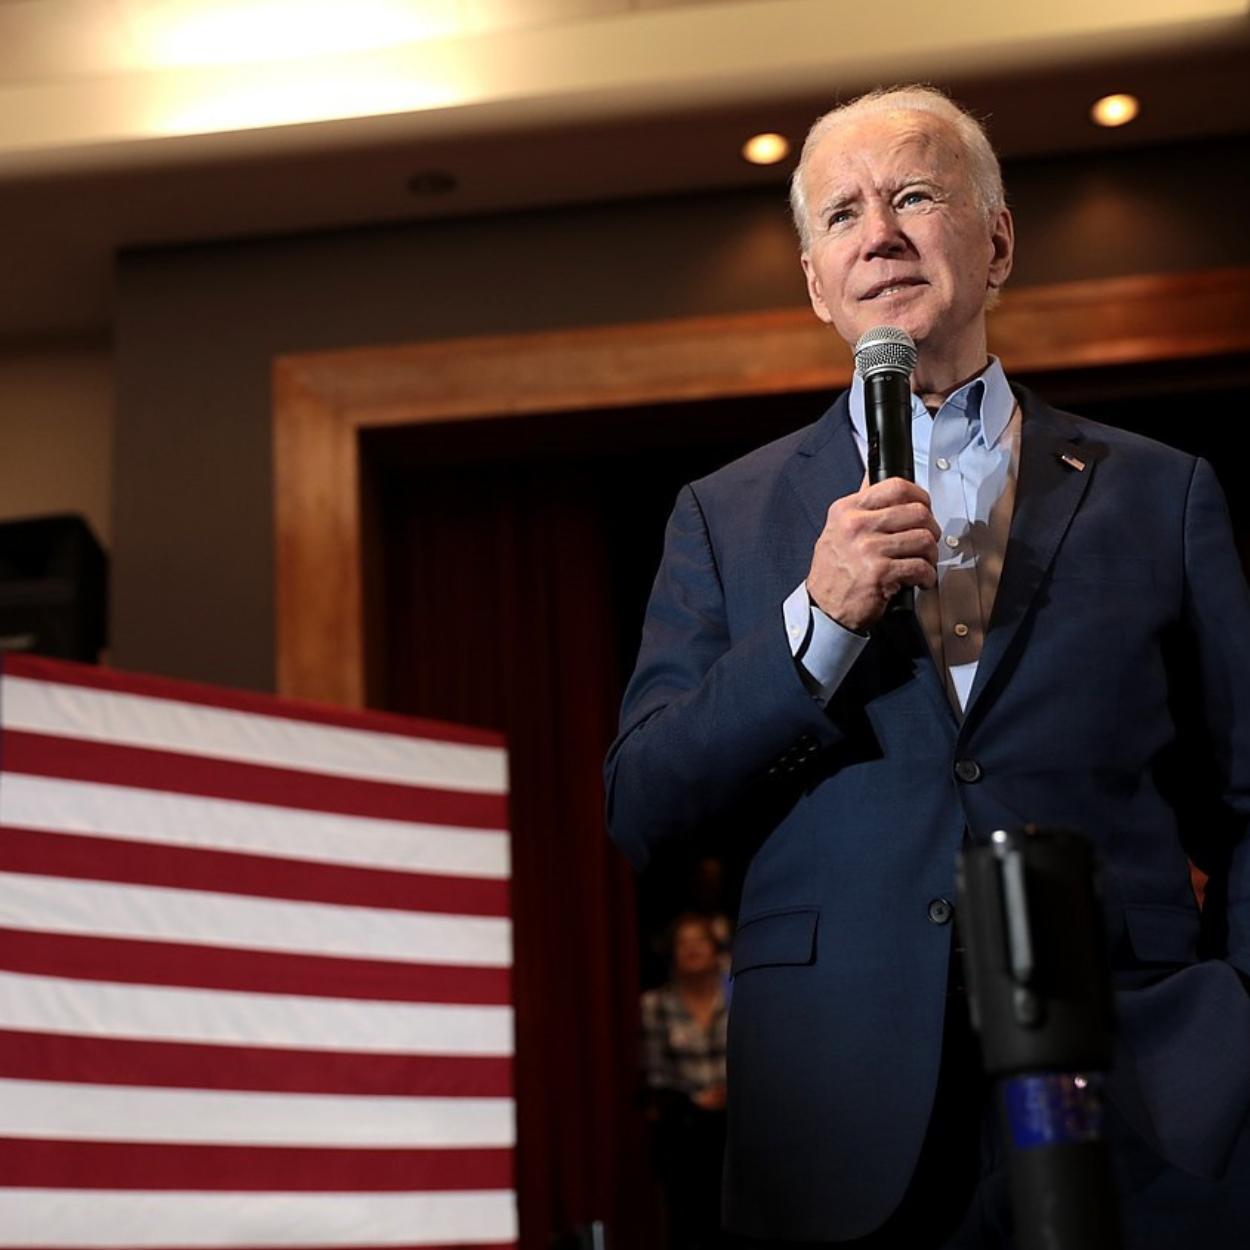 Imagem do novo presidente dos EUA, Joe Biden. Na foto, ele aparece discursando perto de uma bandeira do país.